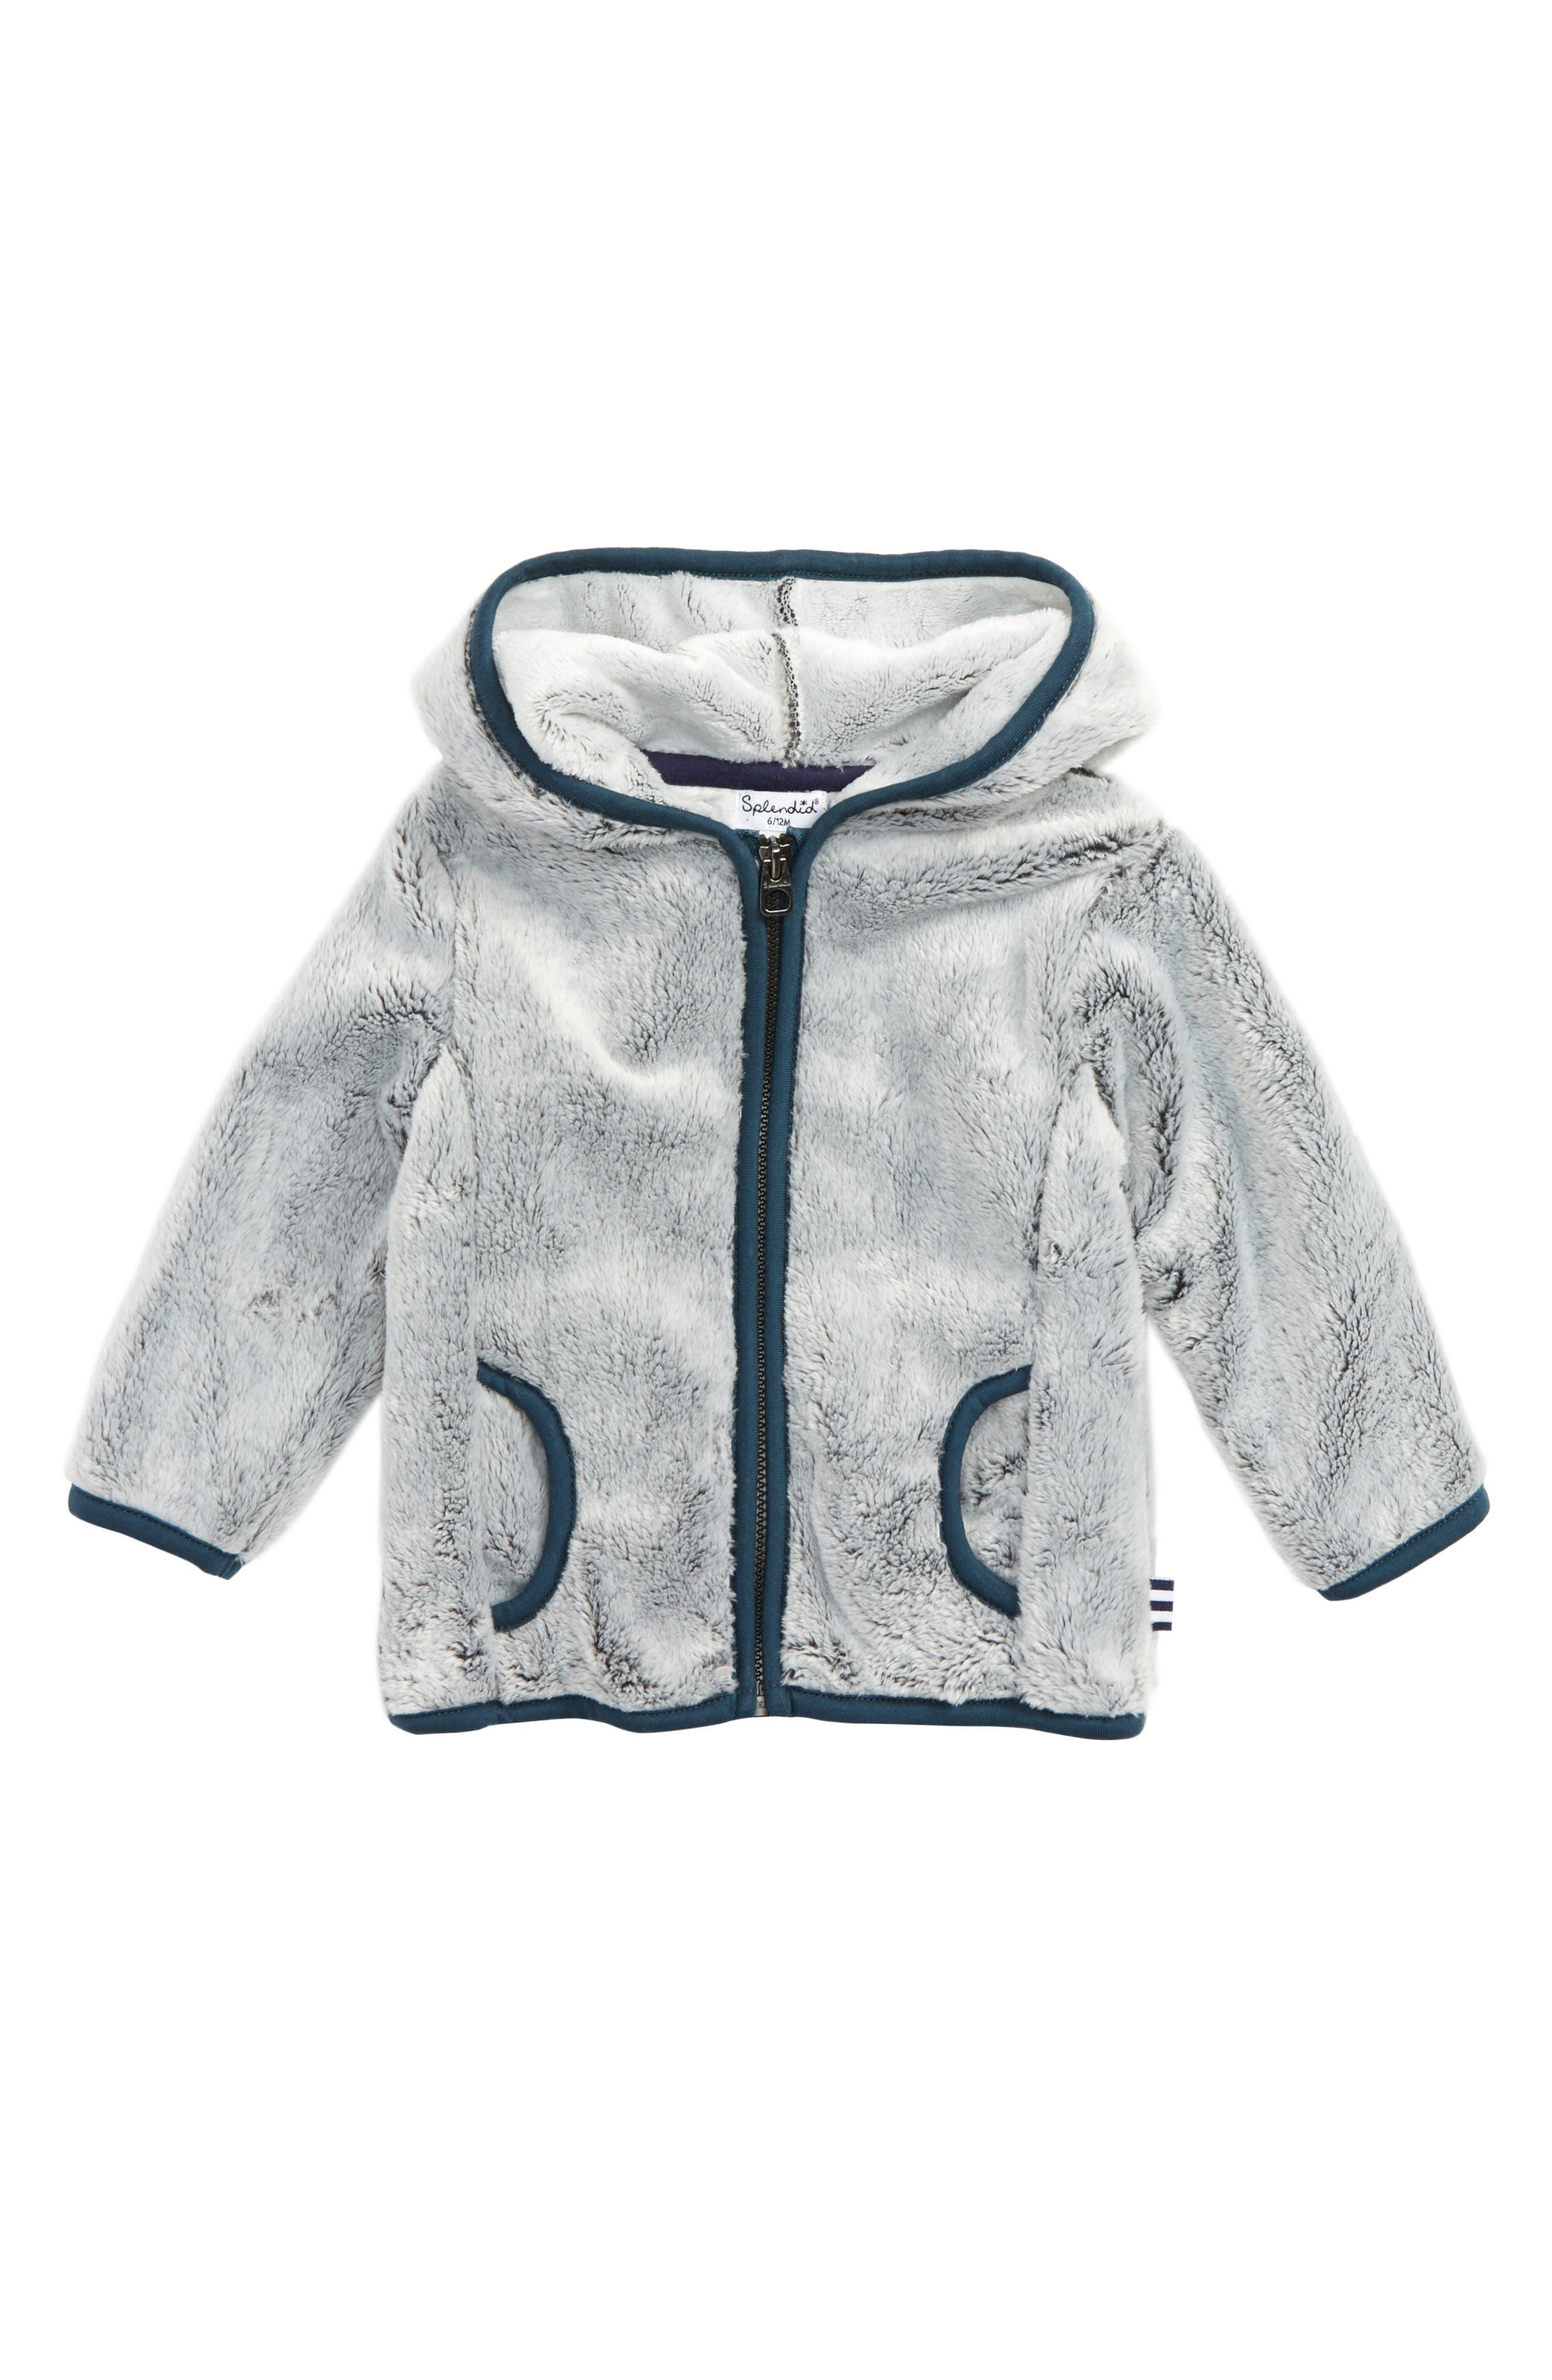 Main Image - Splendid Hooded Fleece Jacket (Baby Boys)